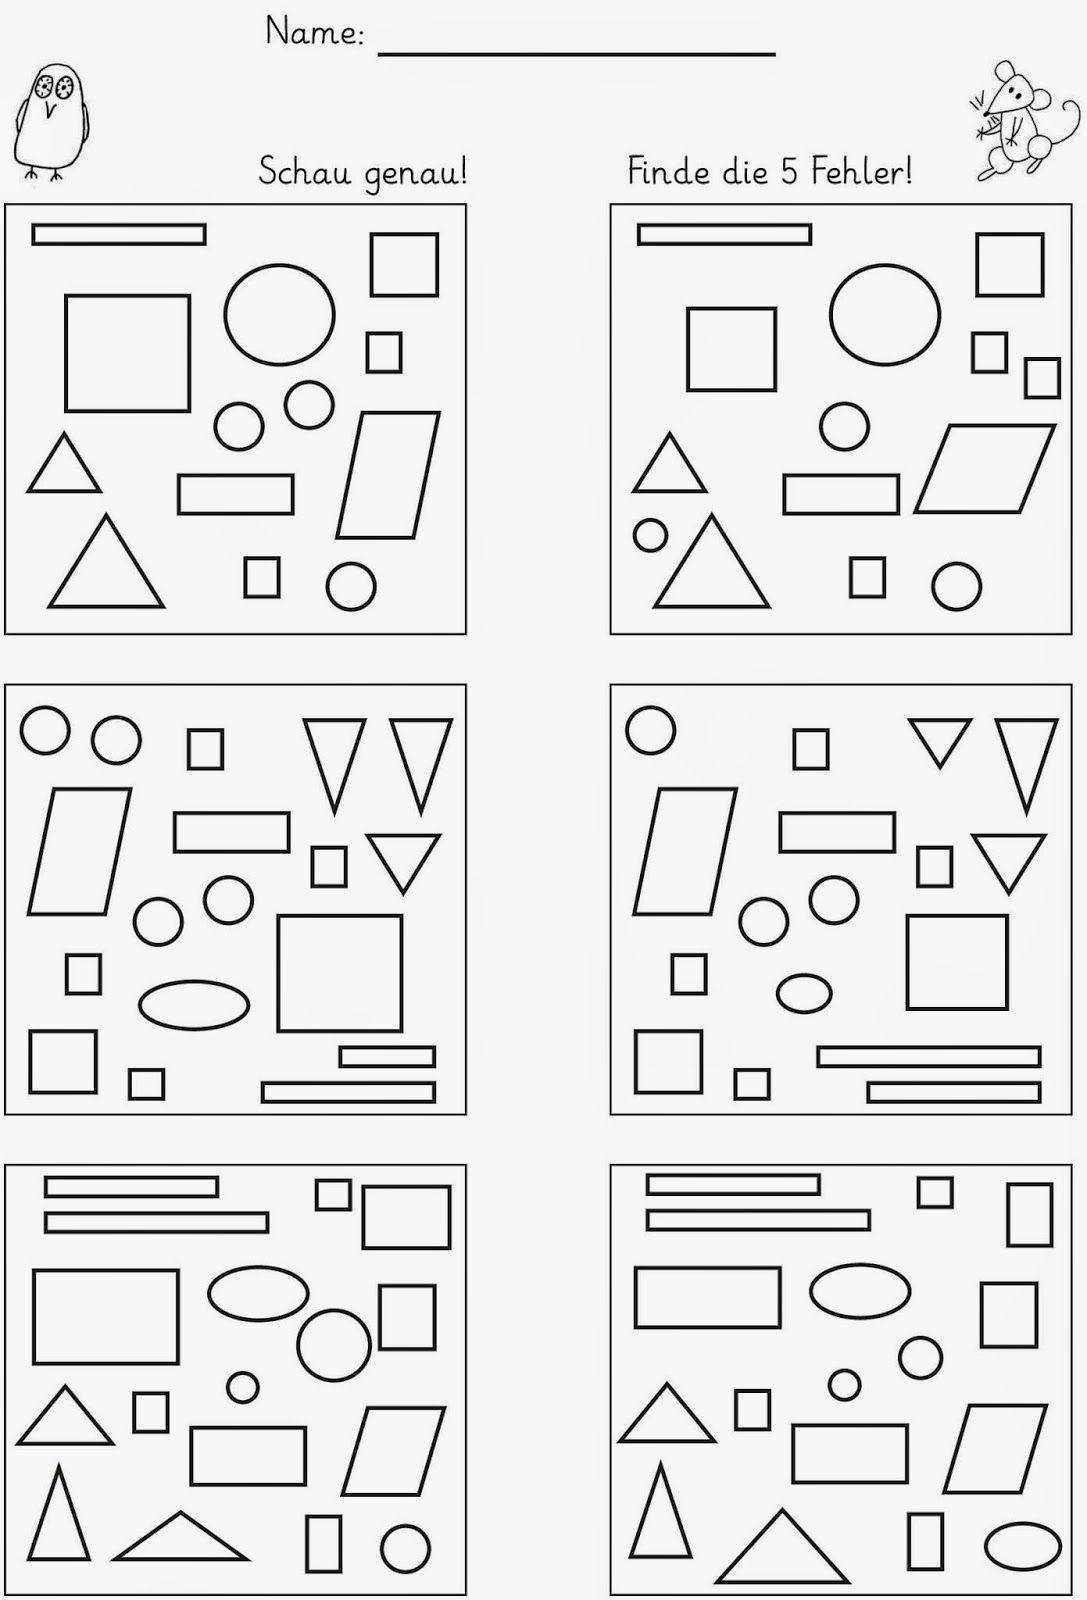 hier vier Arbeitsblätter zum Unterschiede finden LG Gille Schrift ...